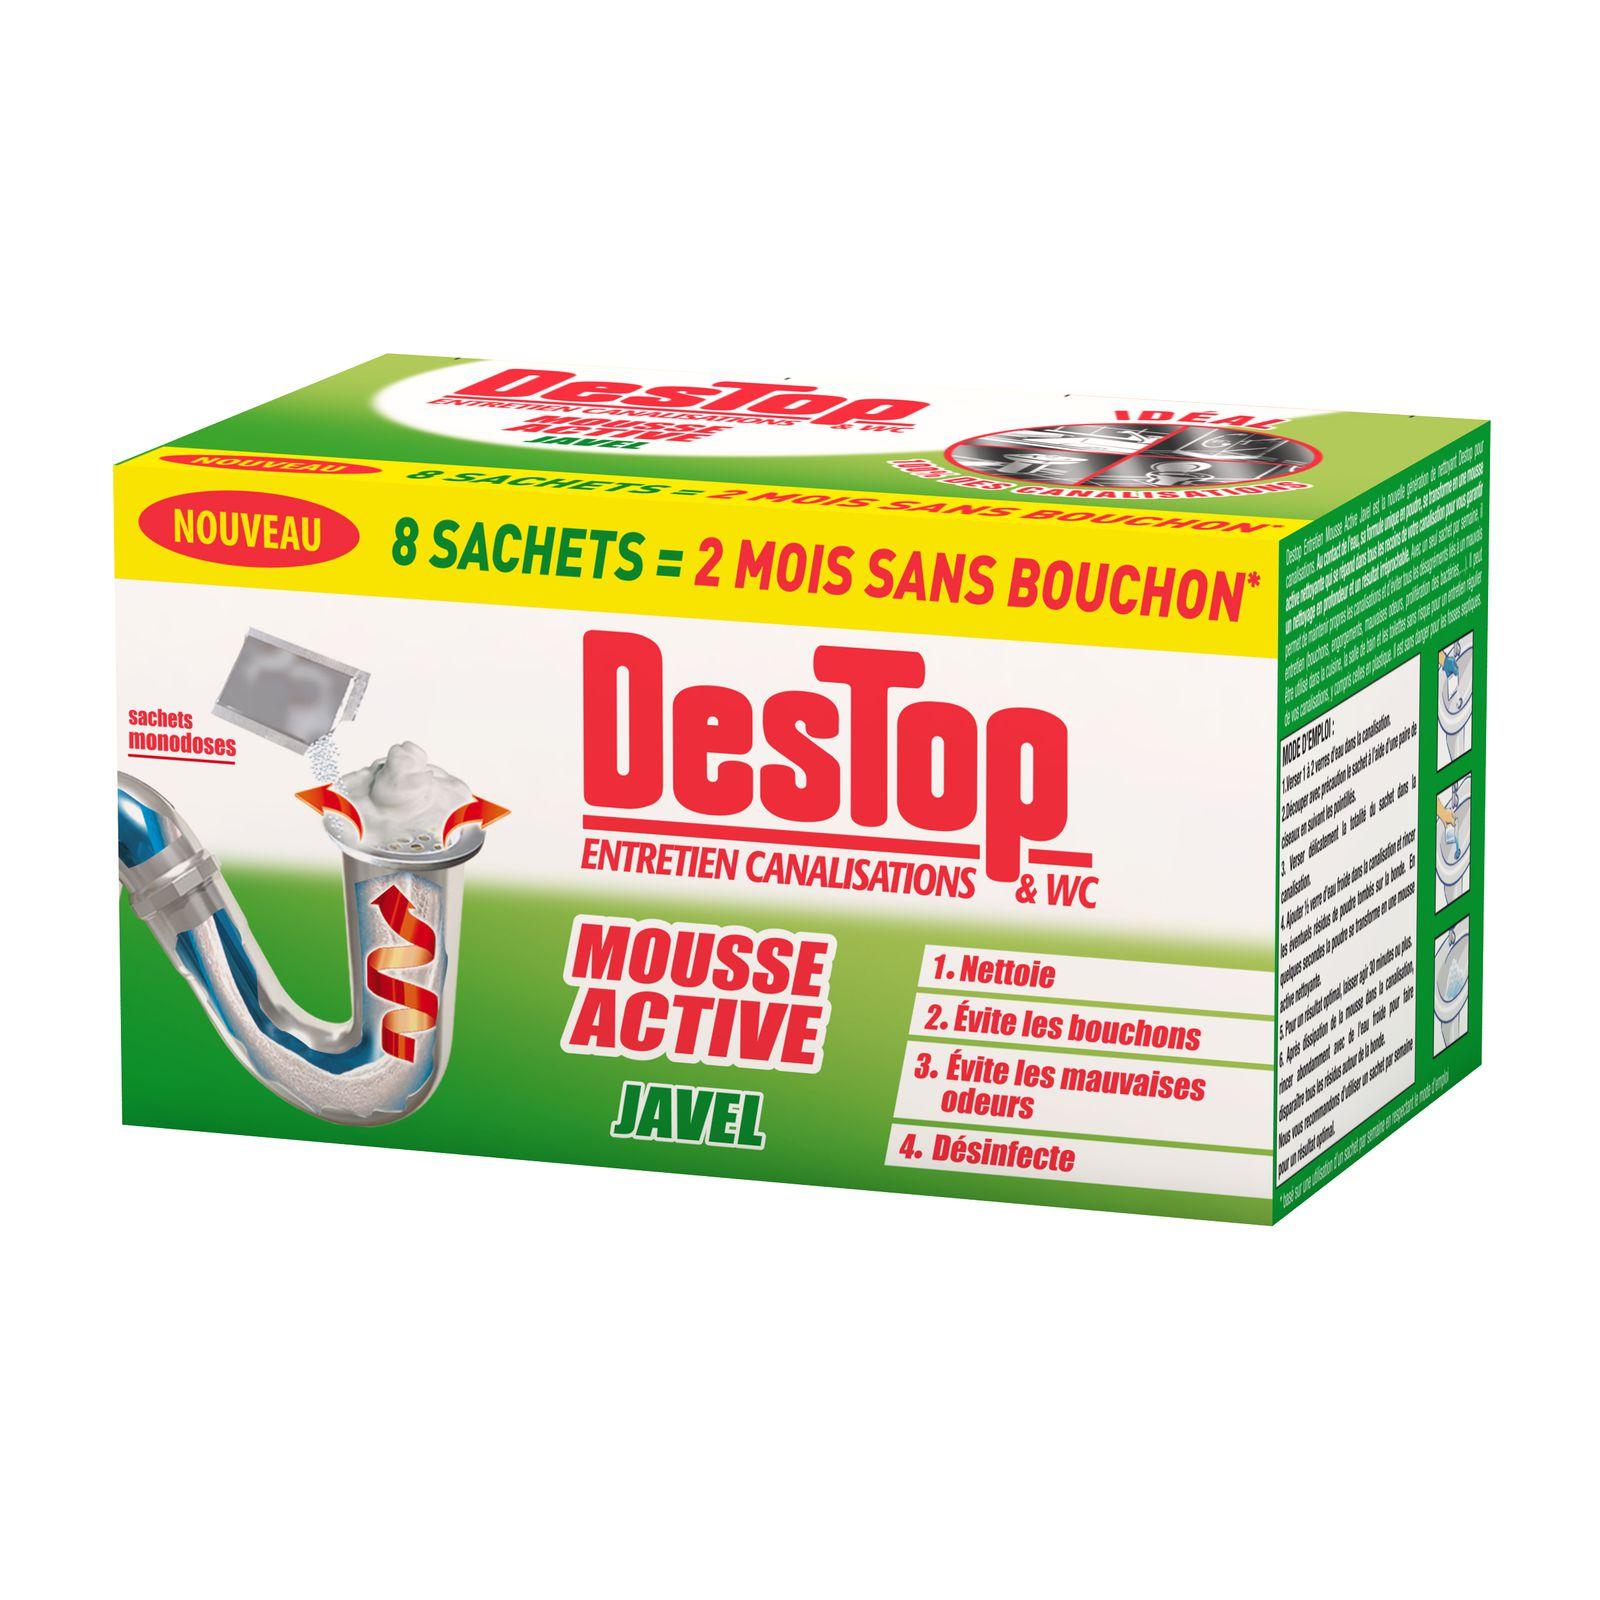 destop mousse active - Mauvaise Odeur Canalisation Salle De Bain